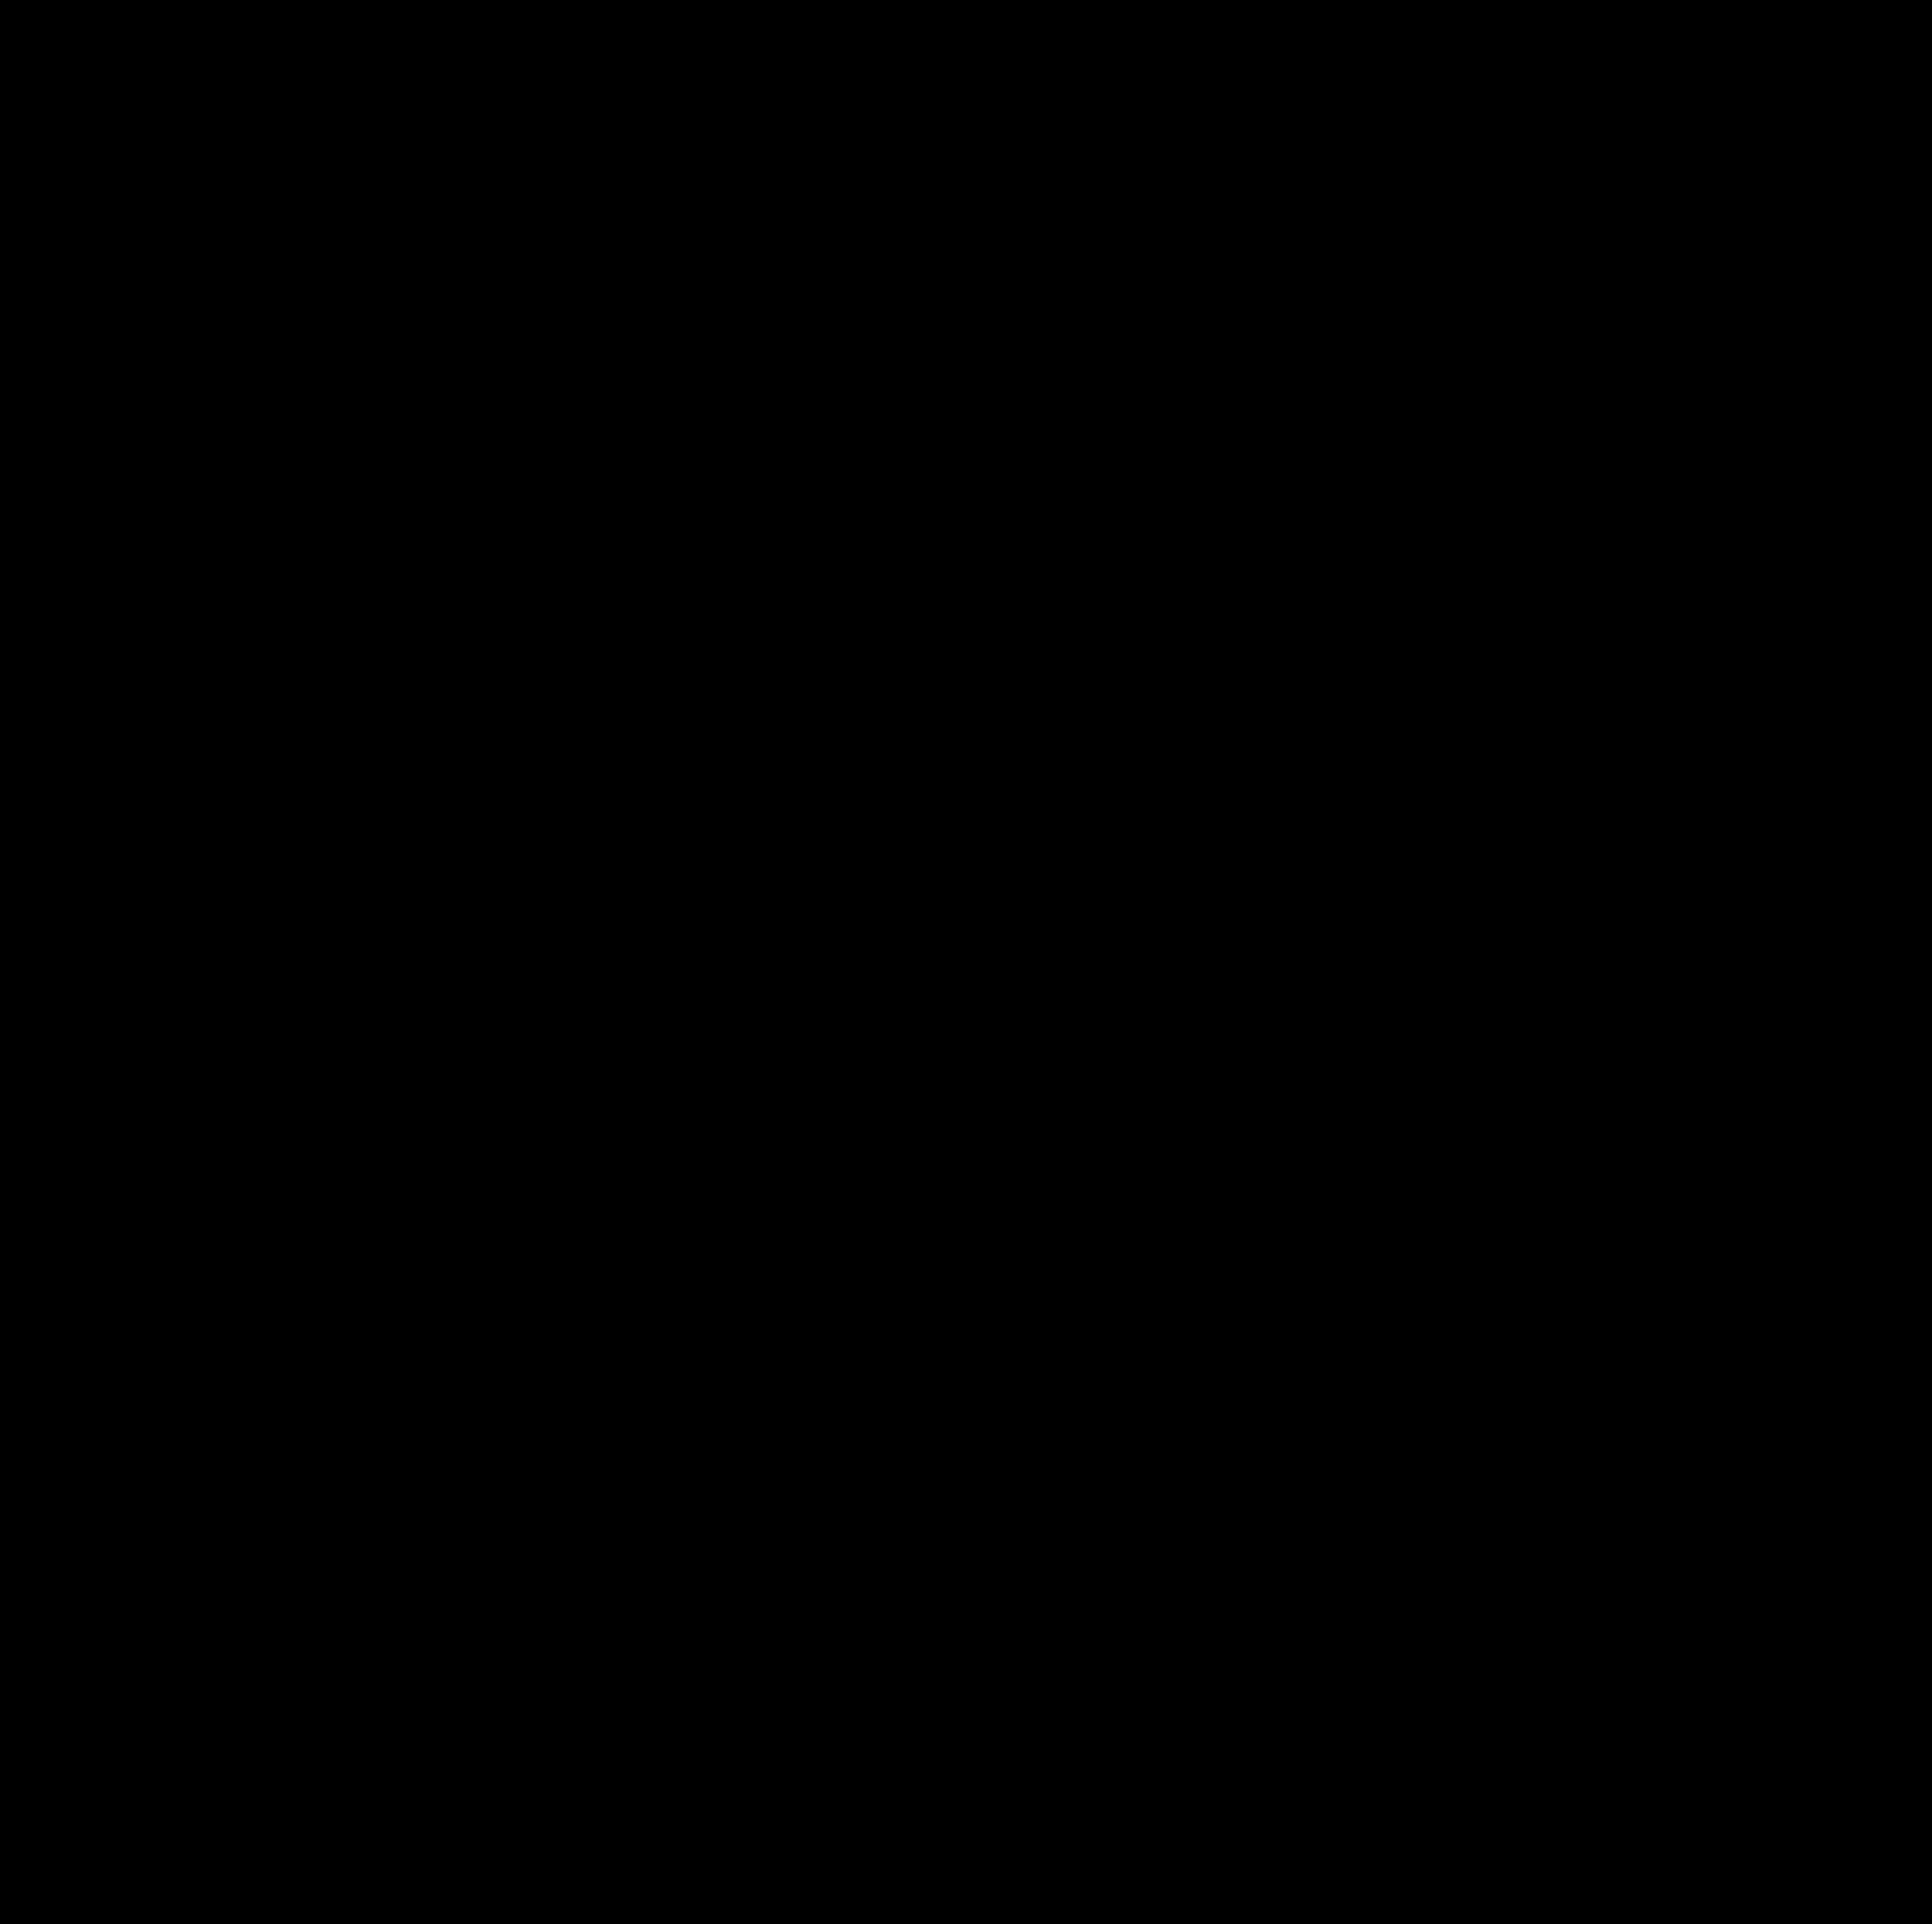 TXARNG-Black-Full.png